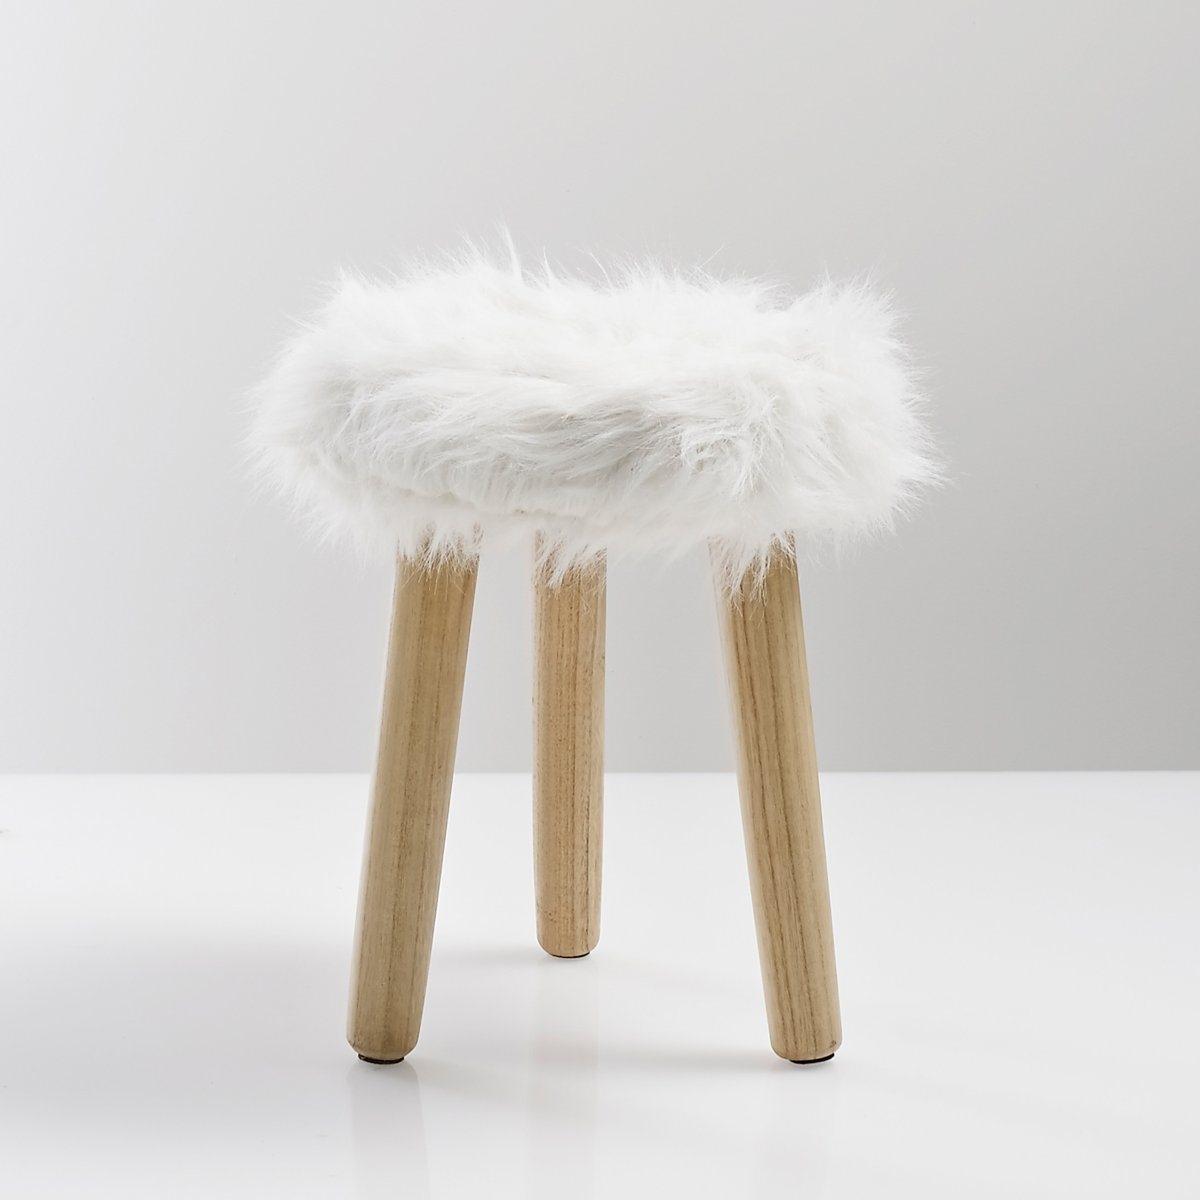 Табурет с сиденьем из искусственного меха, AdasТабурет с сиденьем из искусственного меха, Adas. Атмосфера комфорта и теплоты приема, - вот что внушает этот оригинальный табурет с 3 ножками и сиденьем из искусственного меха.  Описание табурета с сиденьем из искусственного меха Adas:Прямые ножки.Естественный цвета древесины ножек.Сиденье из искусственного меха белого цвета. Характеристики табурета с сиденьем из искусственного меха Adas:Ножки из древесины адамова дерева.Сиденье с чехлом из искусственного меха.  Другие предметы мебели и декора из коллекции Adas на сайте laredoute. ruРазмеры табурета с сиденьем из искусственного меха Adas:Ширина: 30 см.Высота: 38 см.Глубина: 30 см.:<br><br>Цвет: серо-бежевый